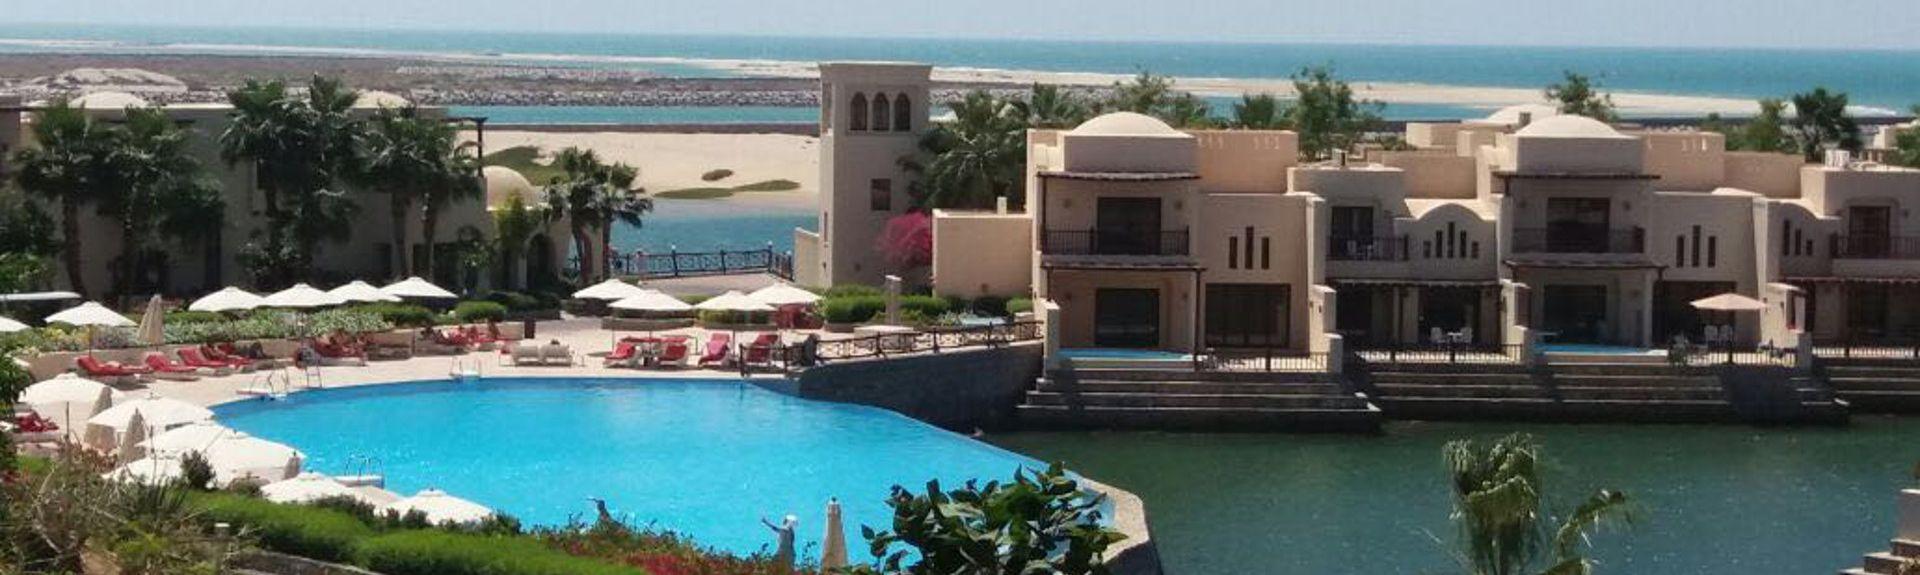 Ras Al-Khaimah, Ras al Khaimah, United Arab Emirates